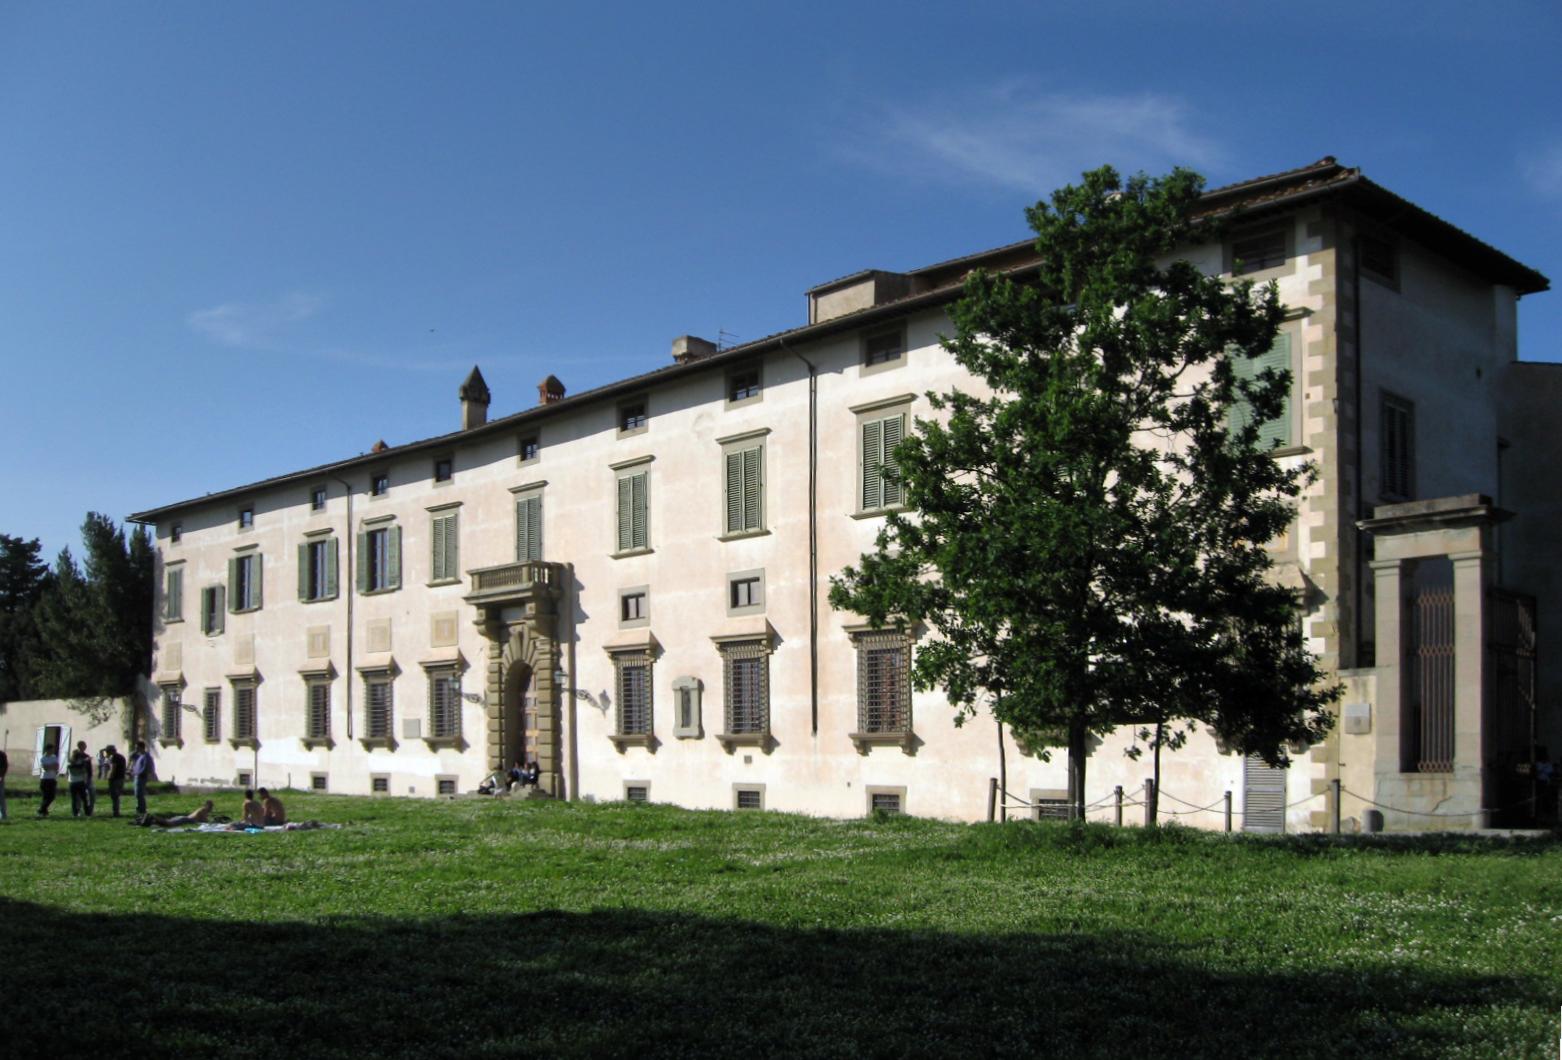 Uitgelezene Villa medicea di Castello - Wikipedia RN-75